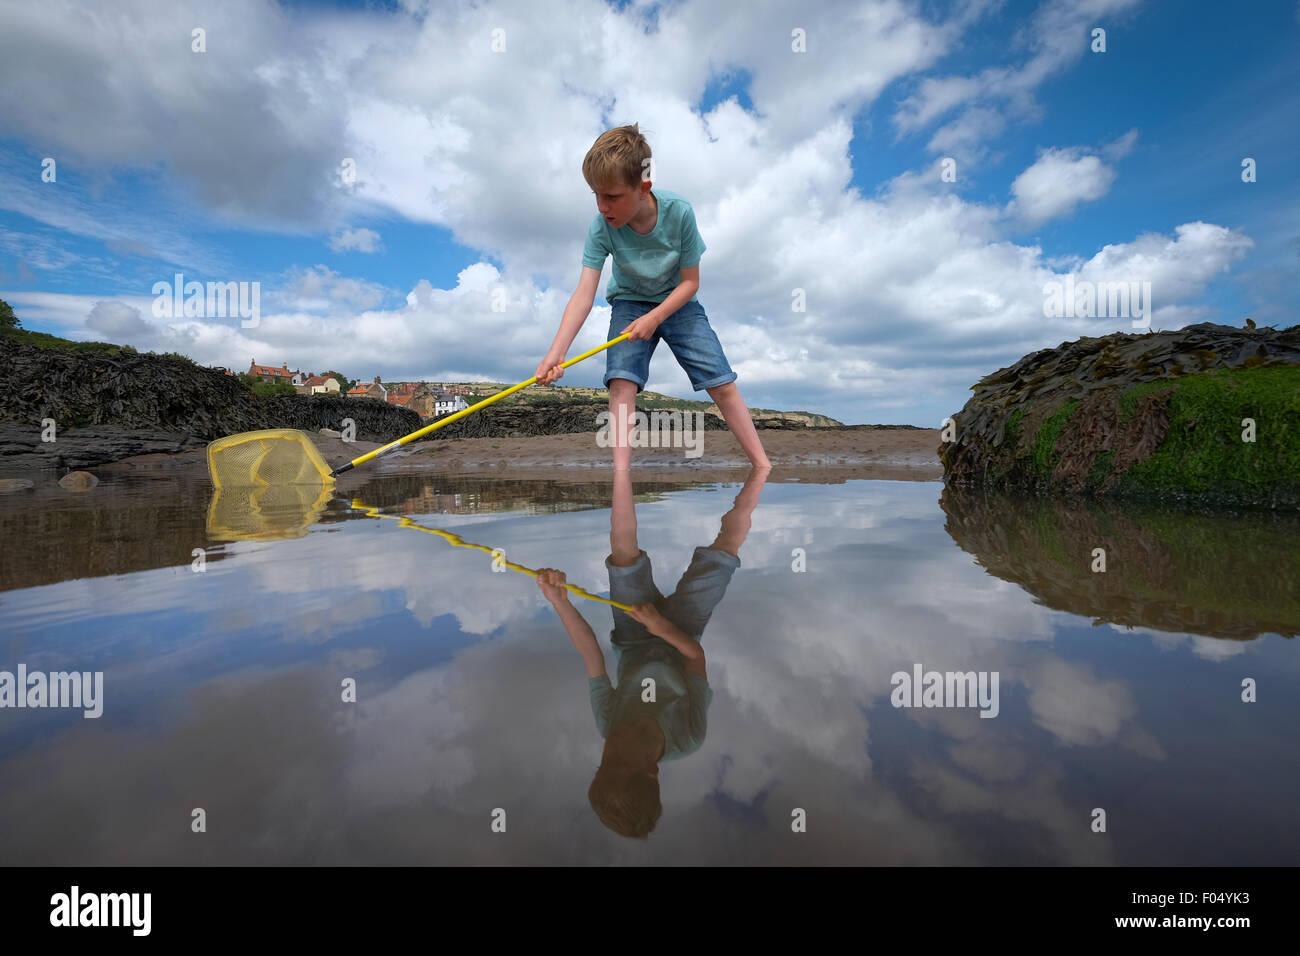 Un enfant avec un filet de pêche à la pêche dans une piscine dans les rochers à plage de Robin Photo Stock